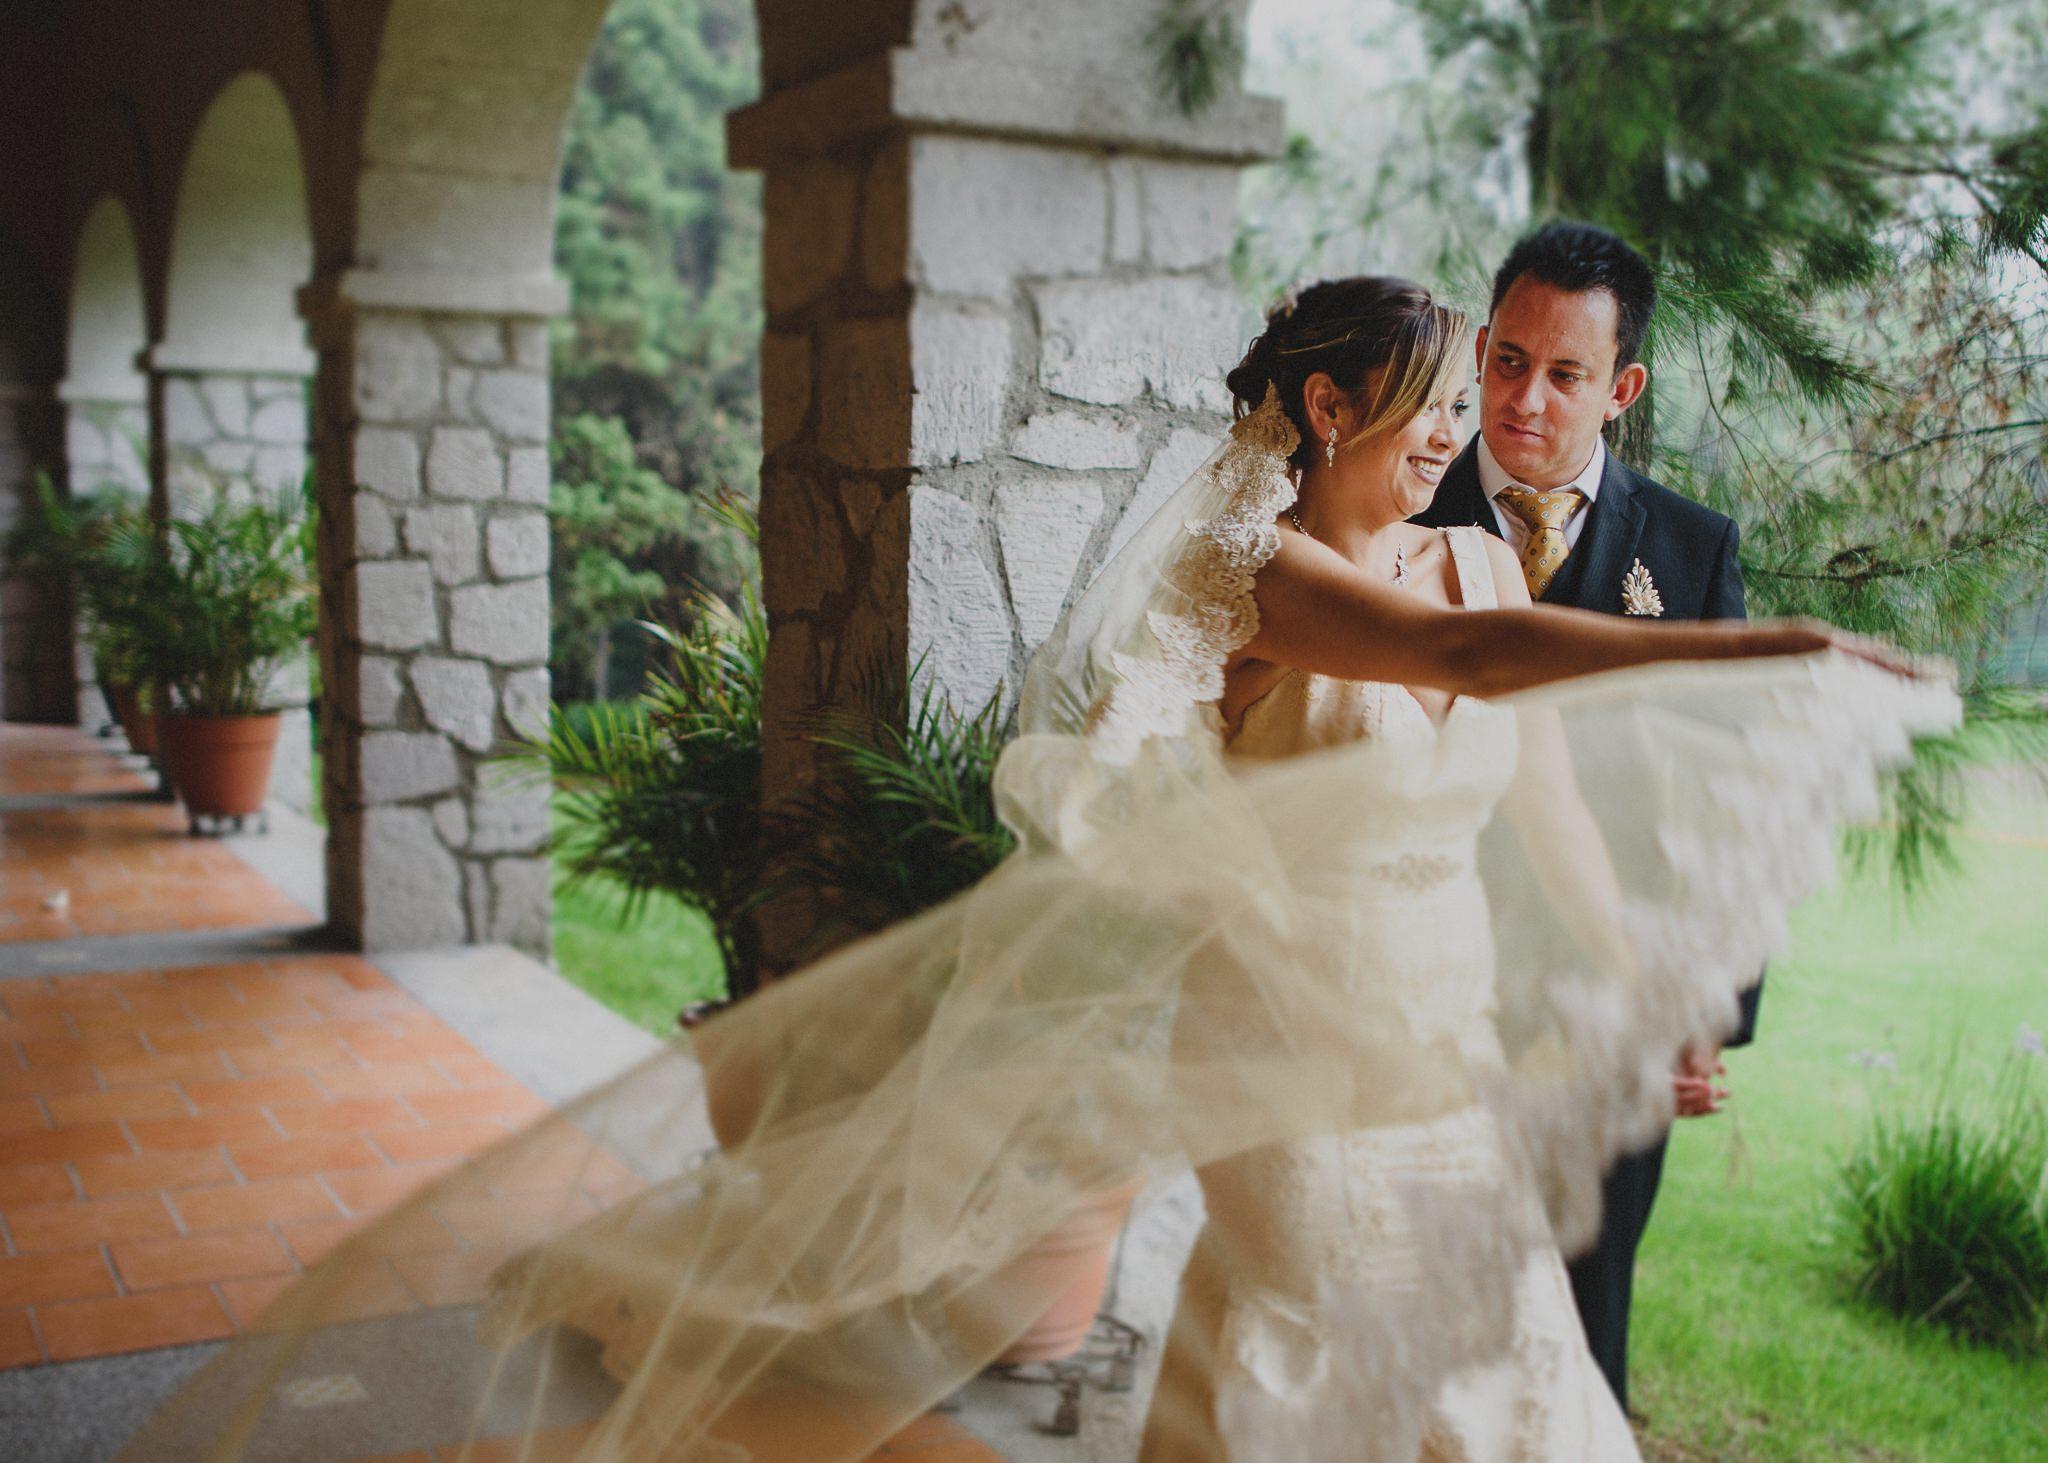 03boda-en-jardin-wedding-hacienda-los-cuartos-fotografo-luis-houdin81